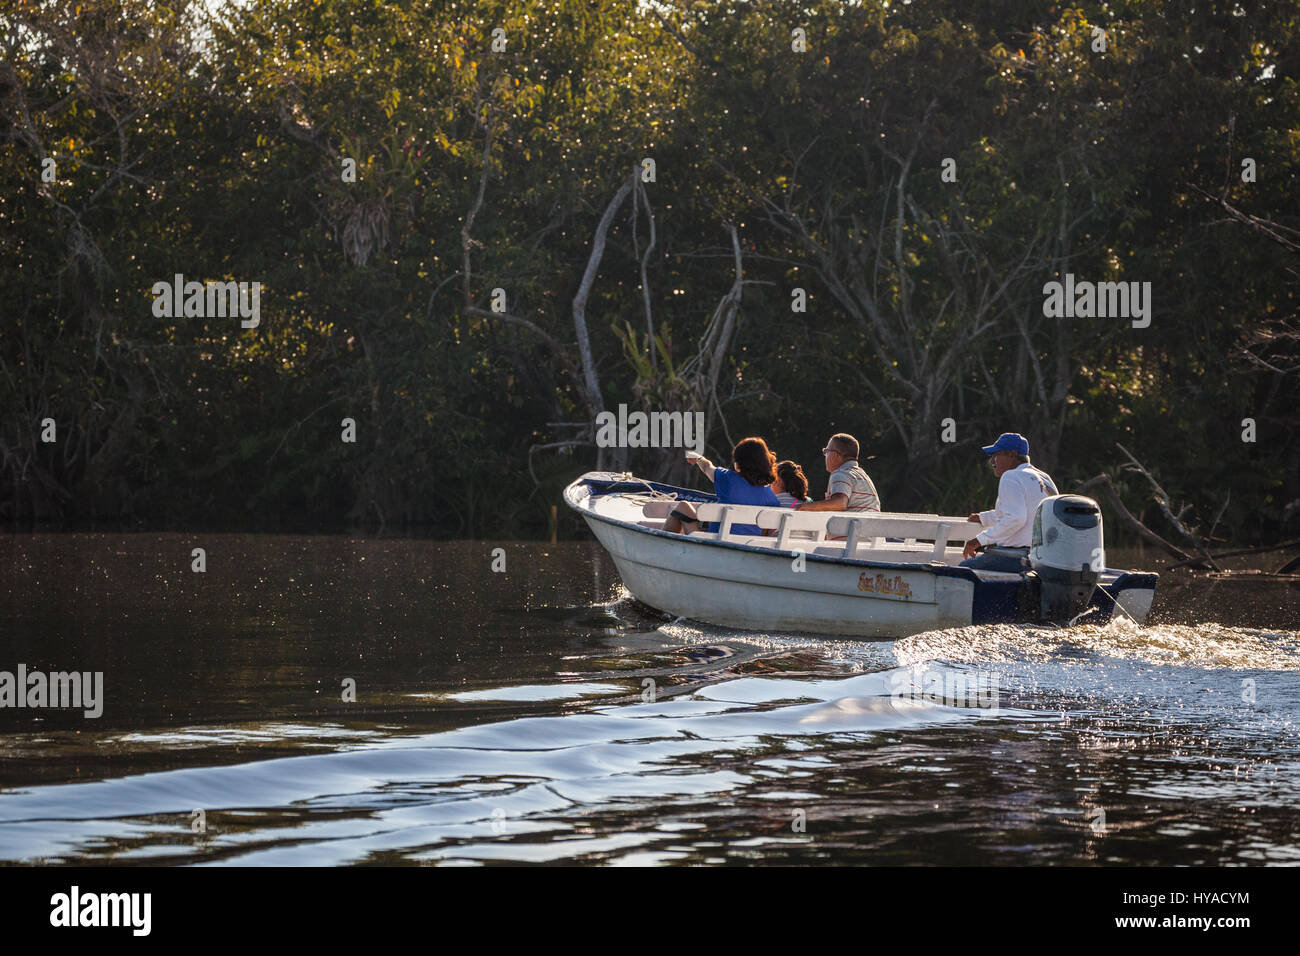 Un tour in barca siti alcuni selvatici nel Tovara Riserva Naturale di San Blas, Messico. Immagini Stock